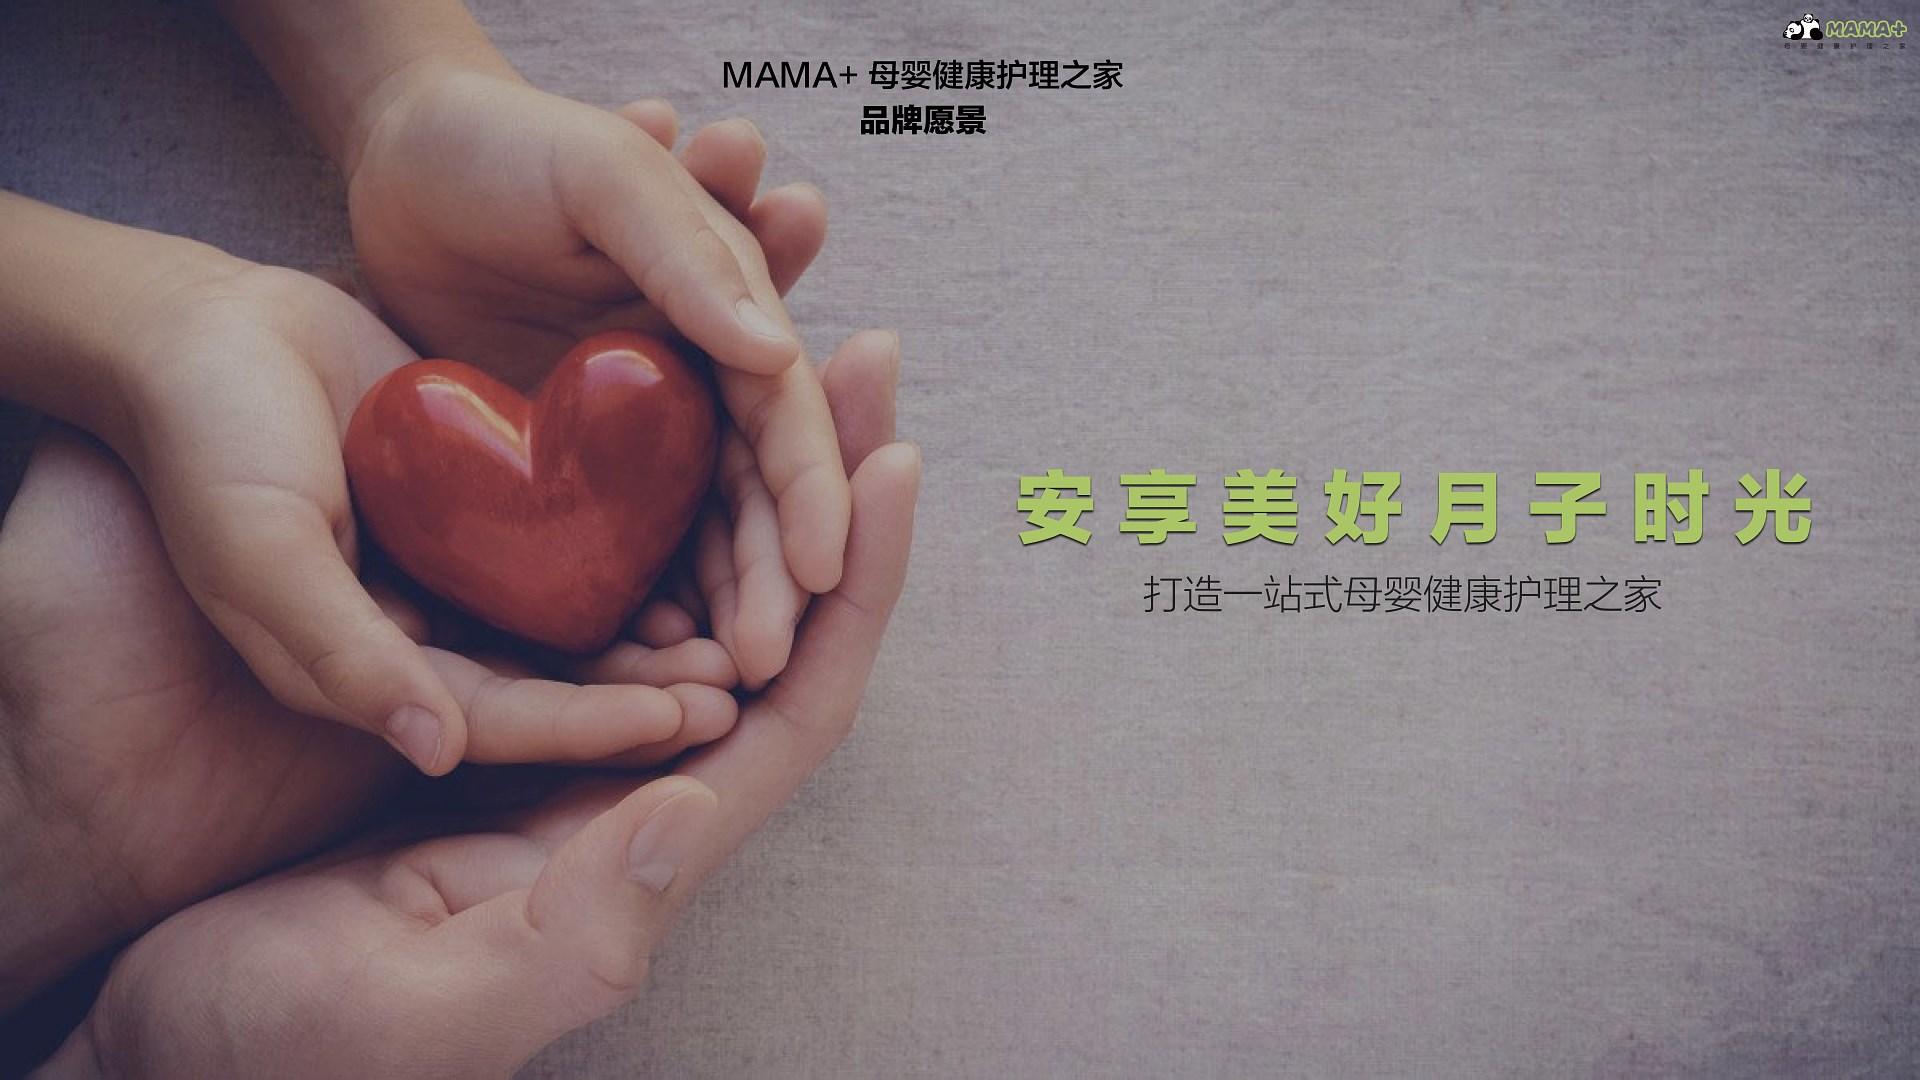 2019-详情页-MAMA+-05.jpg